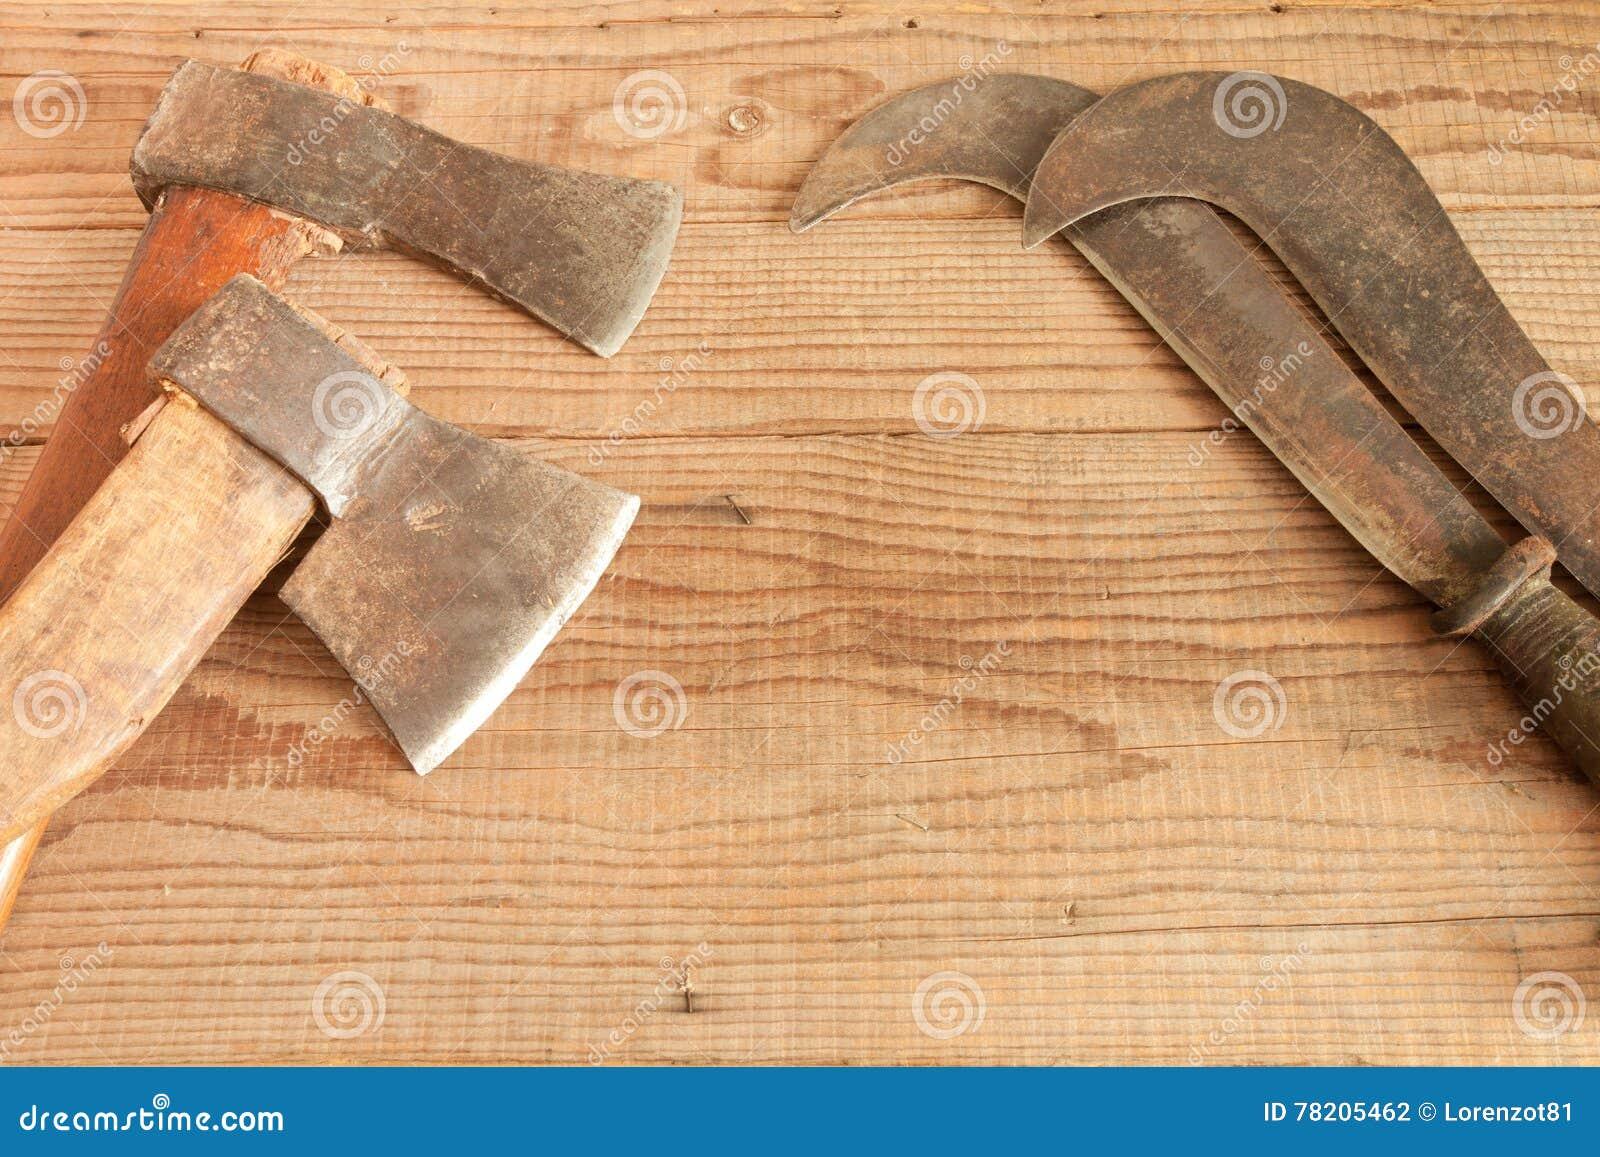 Δύο που χρονολογούνται και χρησιμοποιημένοι μπαλτάδες και κλαδευτήρια στο ξύλινο υπόβαθρο